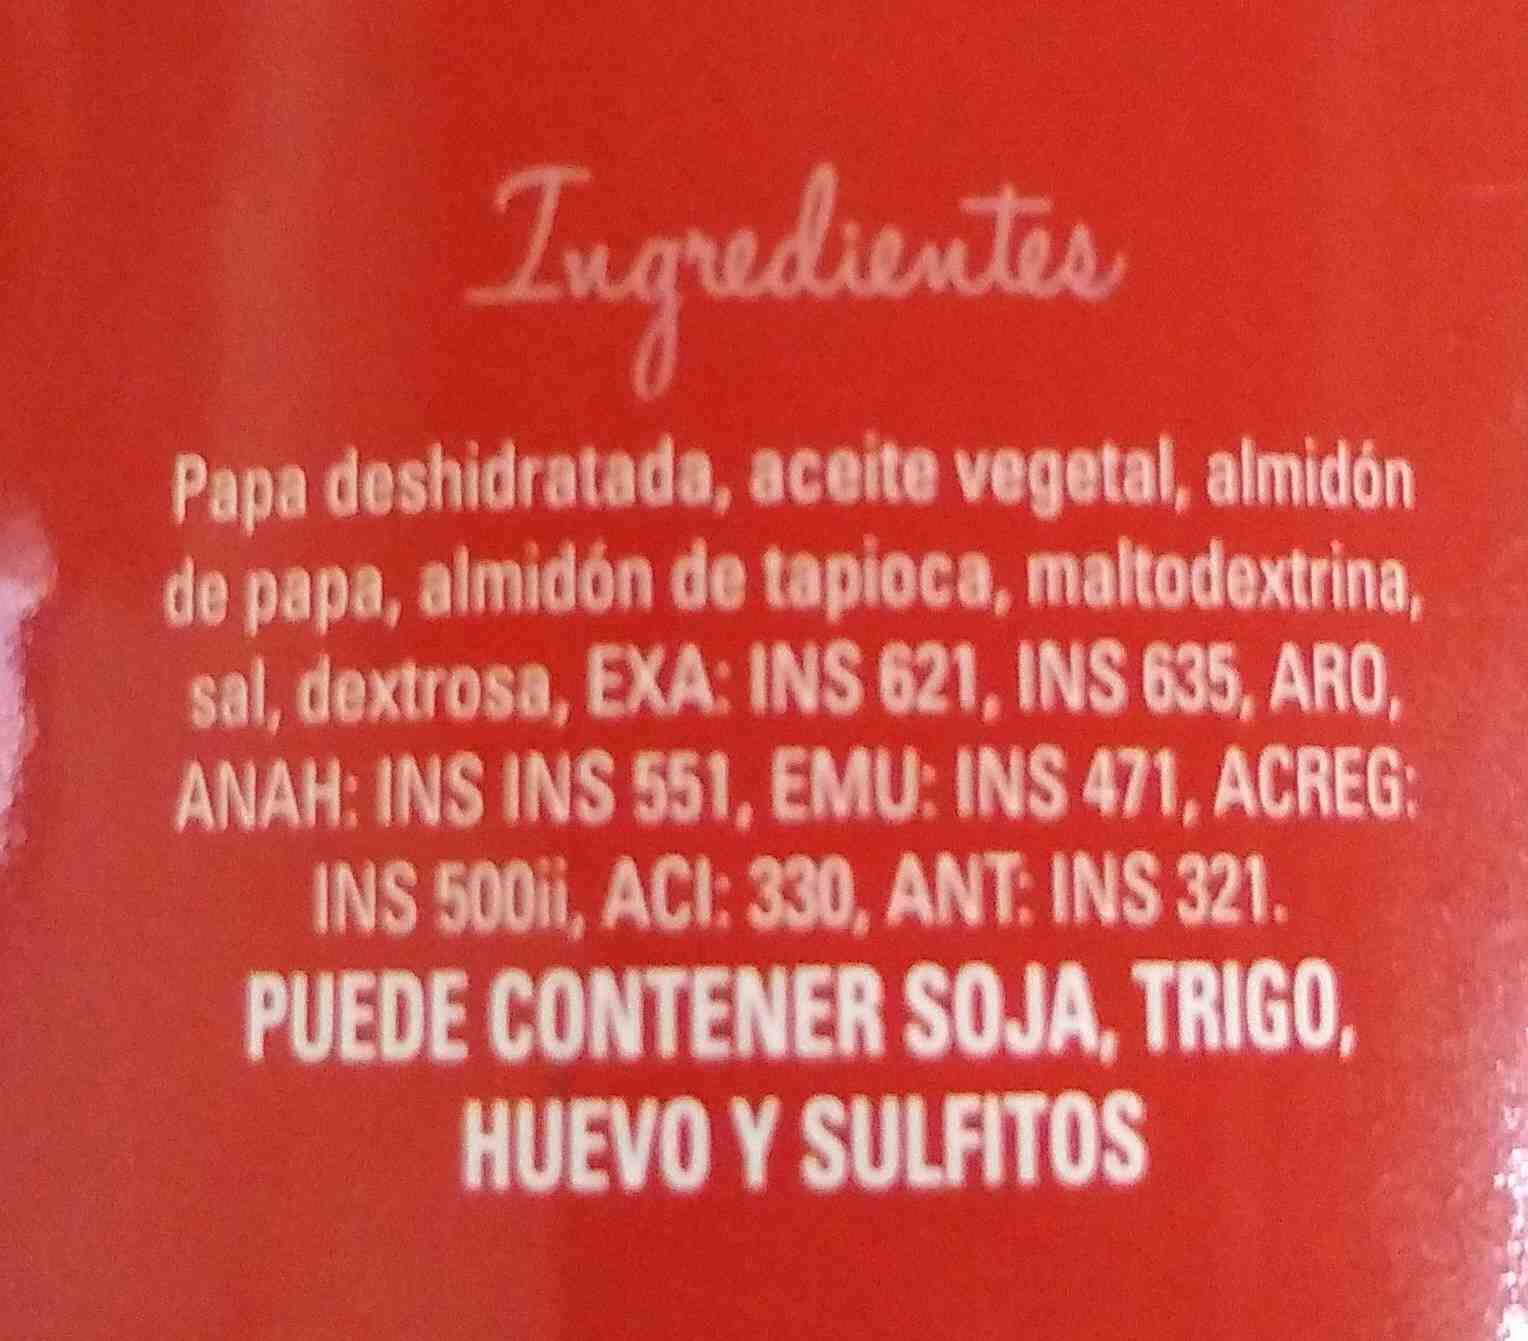 papas la anonima - original - Ingredients - es